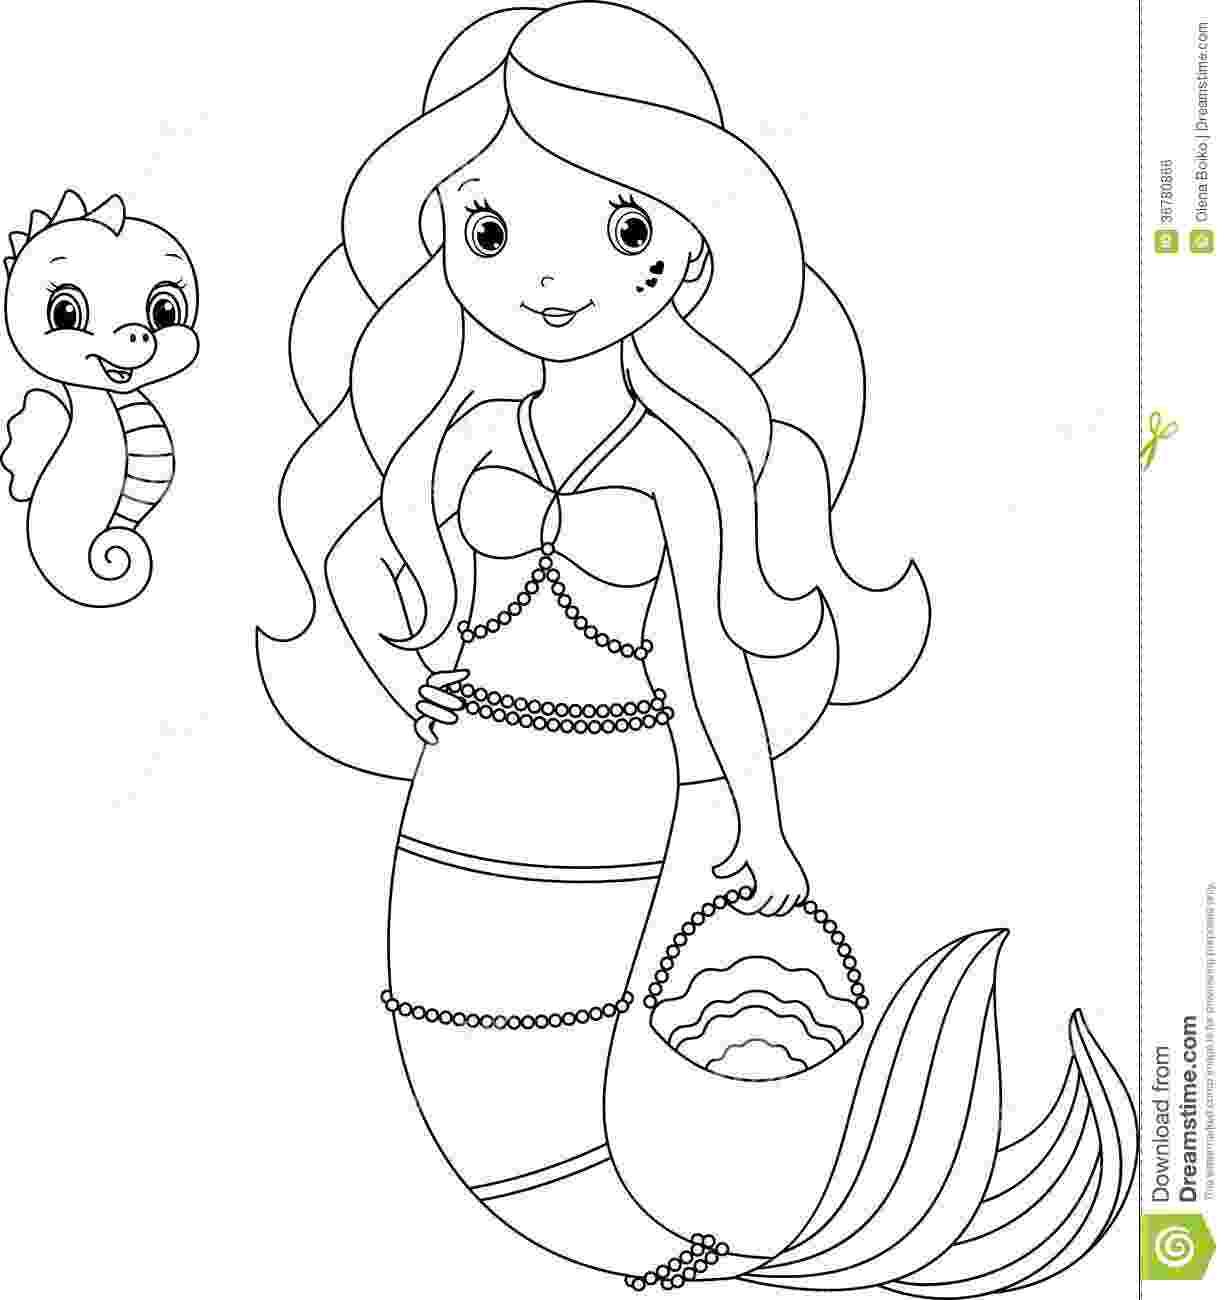 mermaid colouring pages printable mermaid coloring page free printable coloring pages mermaid colouring printable pages